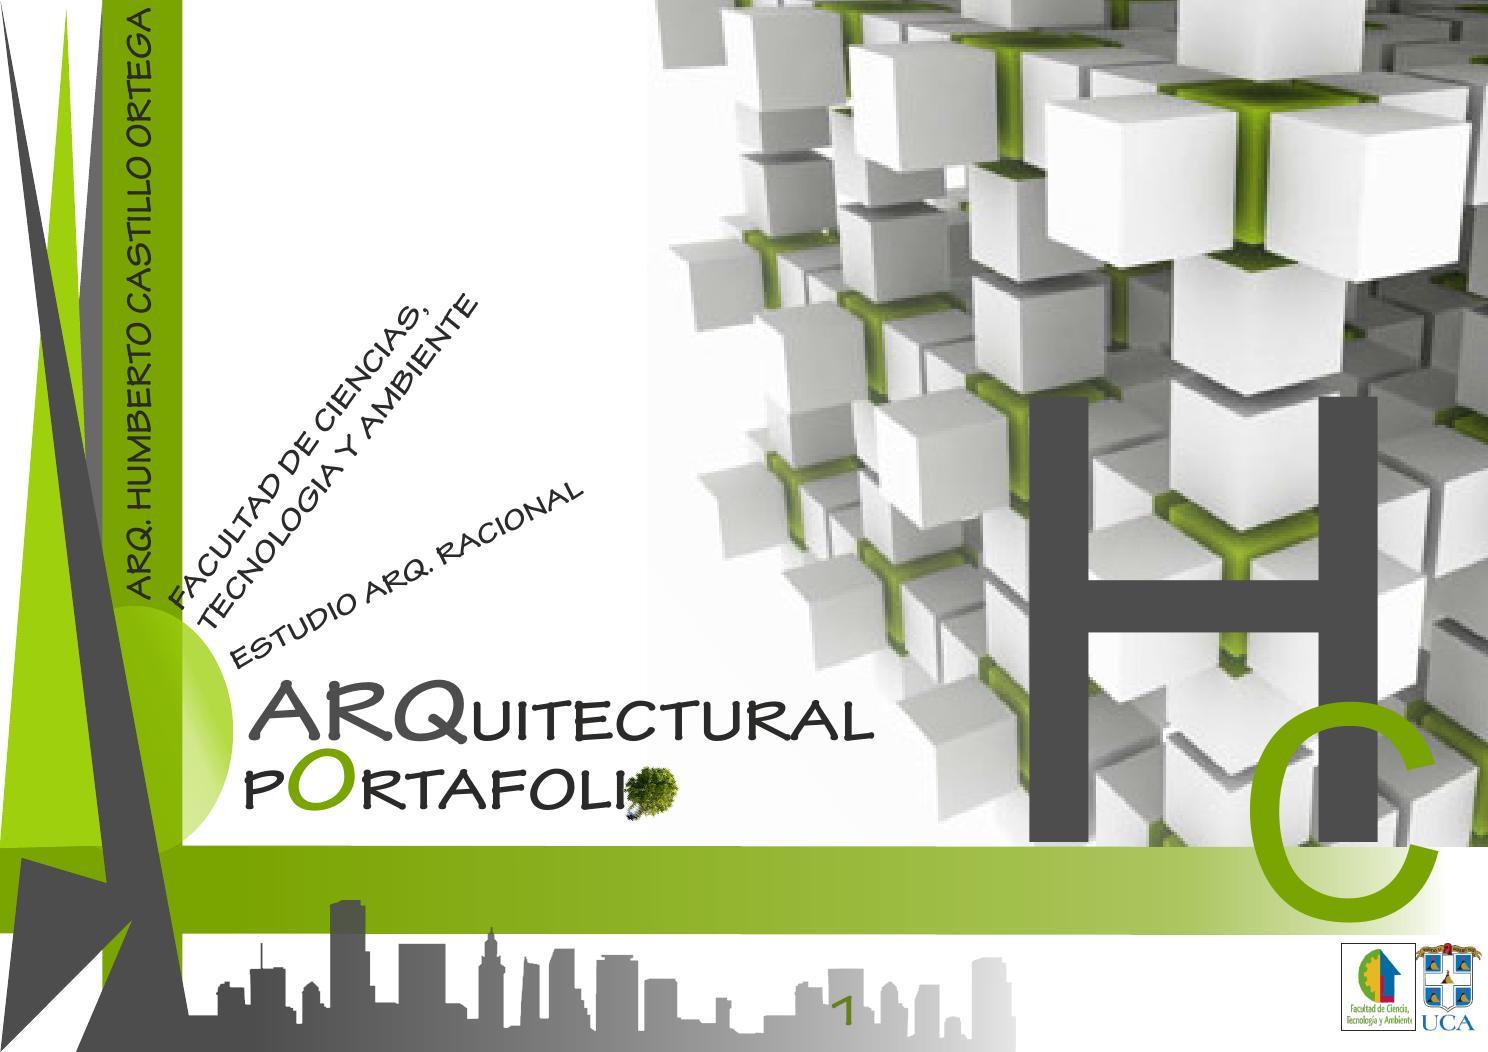 Portafolio arquitectura humberto castillo by humberto for Portafolio arquitectura